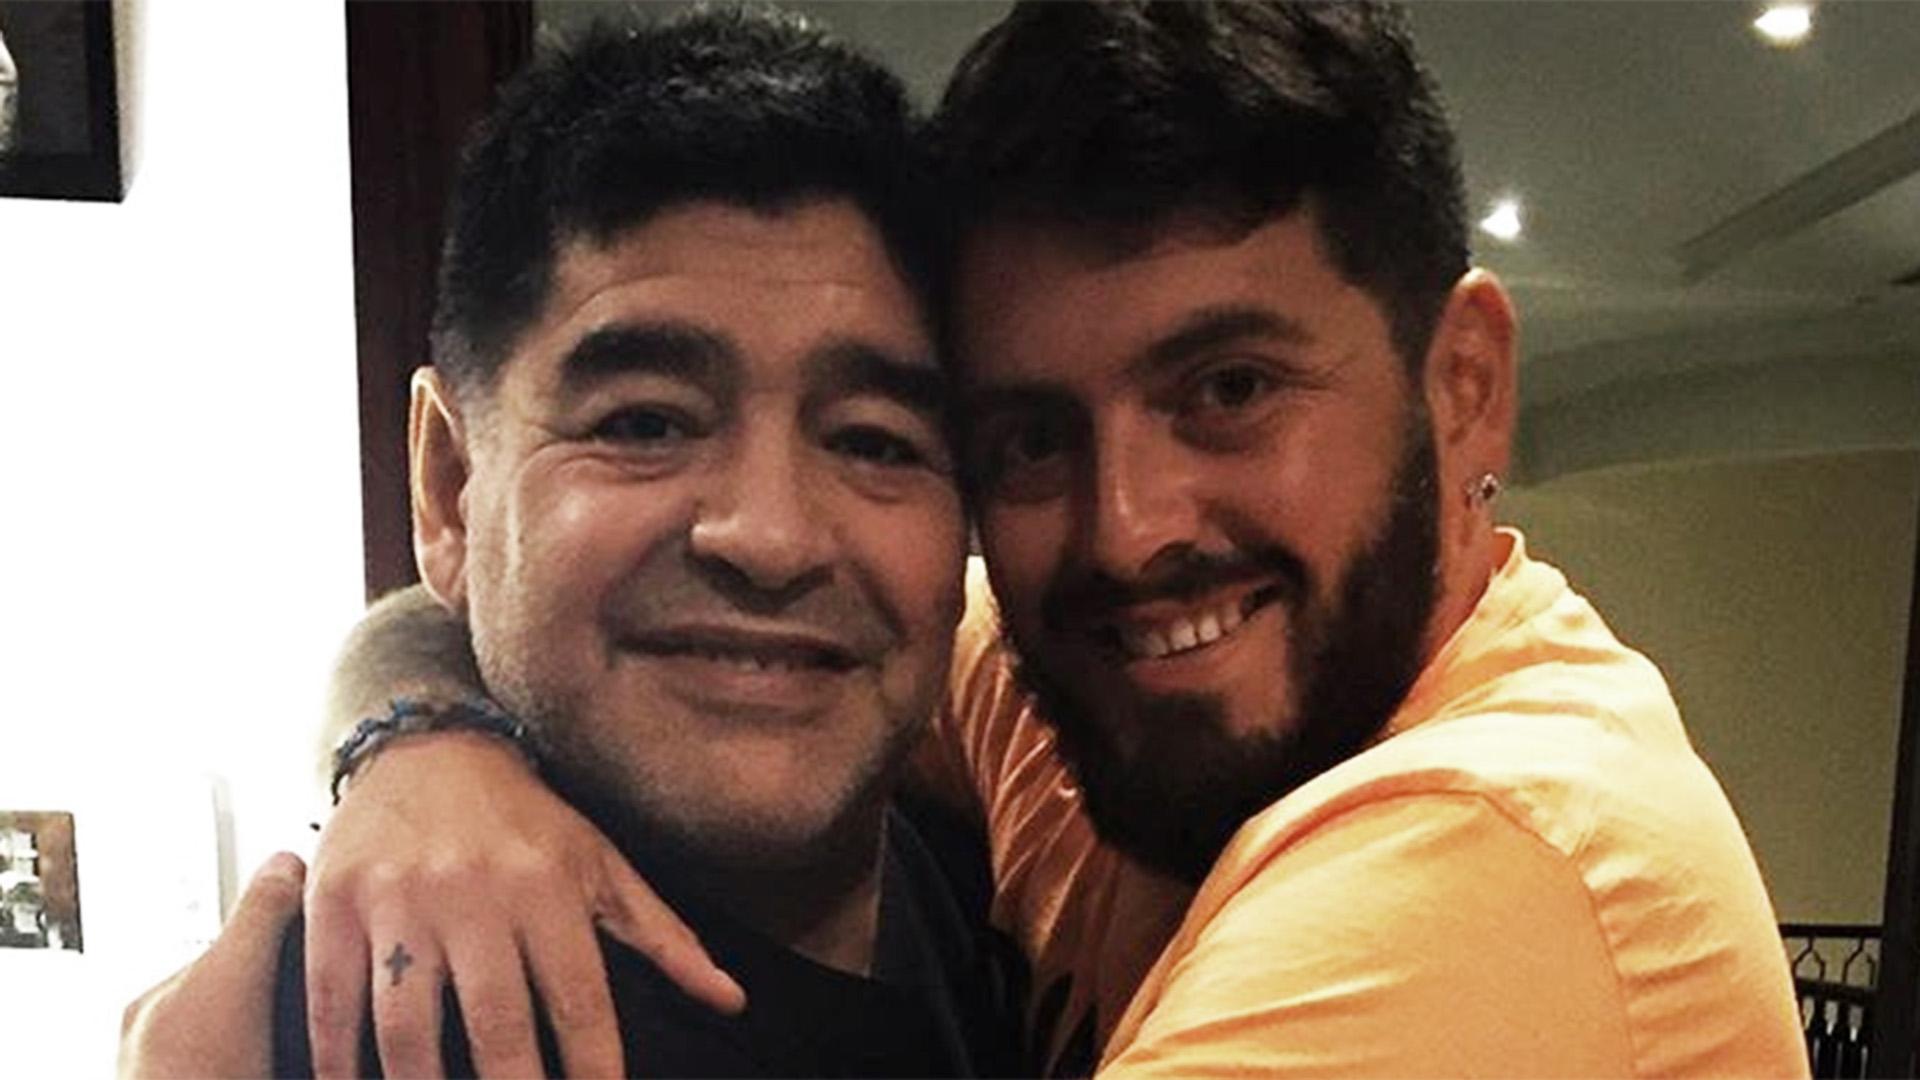 Có 3 con với 2 phụ nữ tại Cuba, Maradona ra điều kiện nhận con